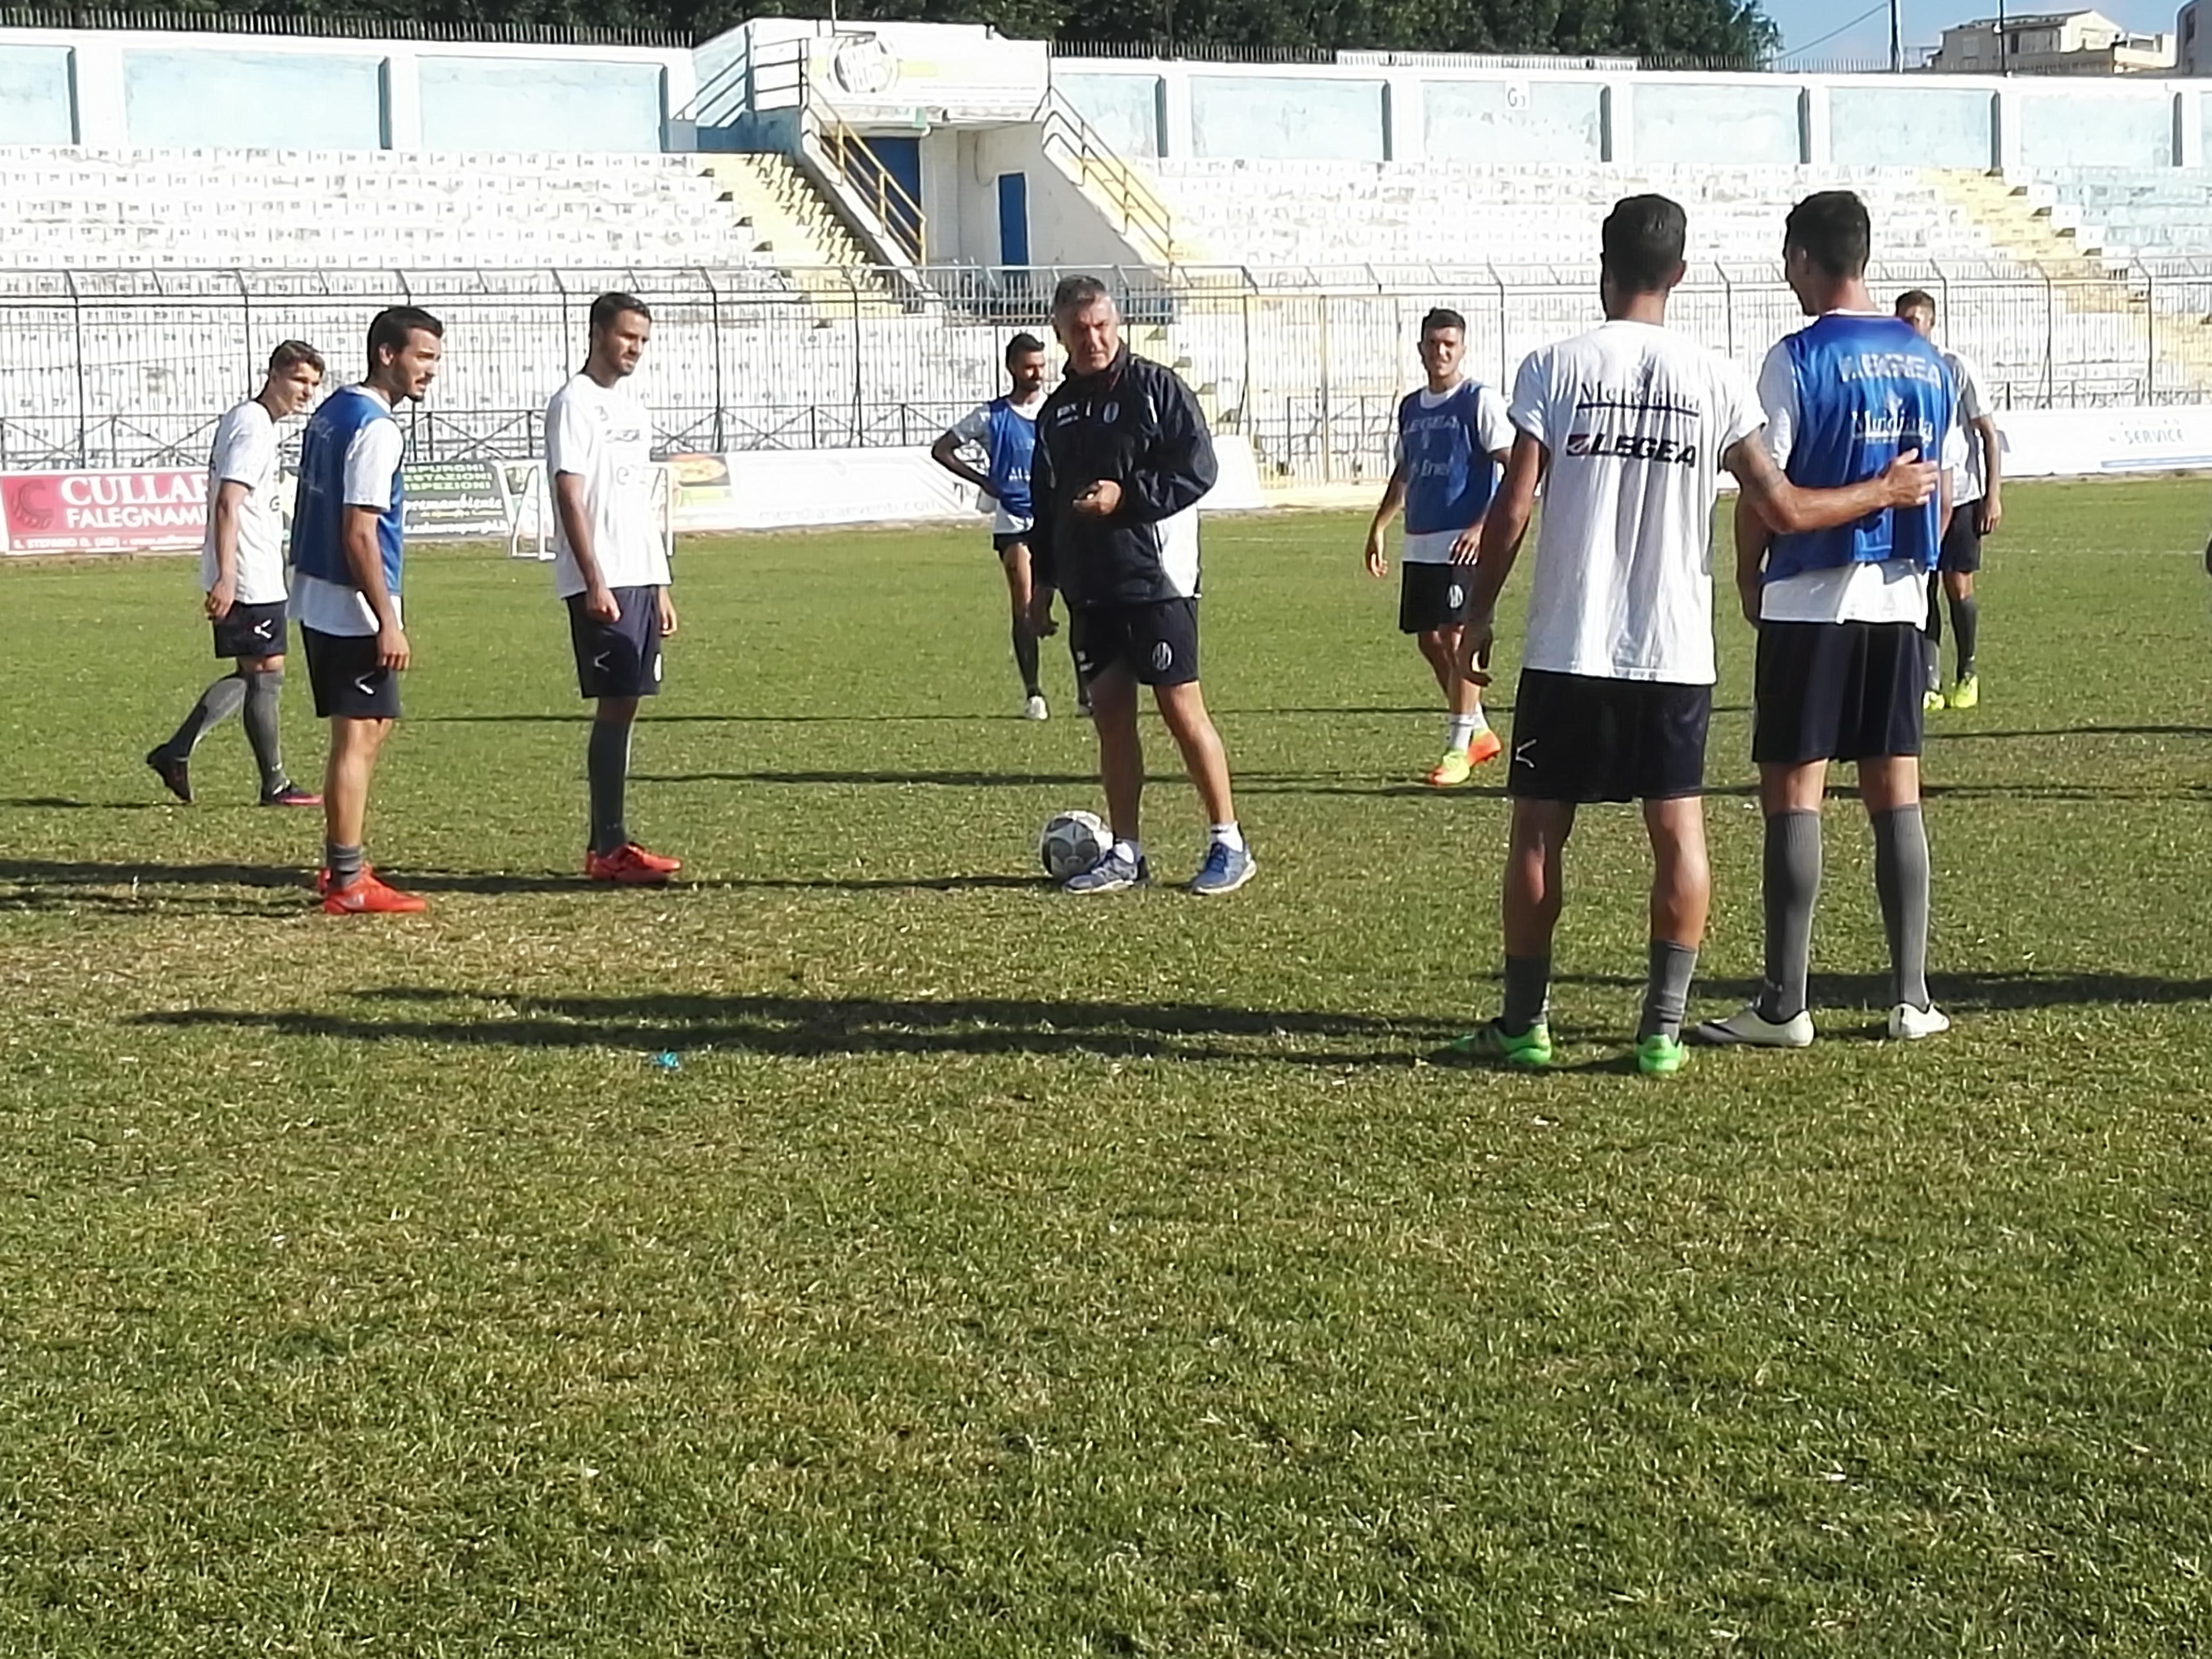 Akragas-Juve Stabia: 1-2. la partita attraverso le immagini